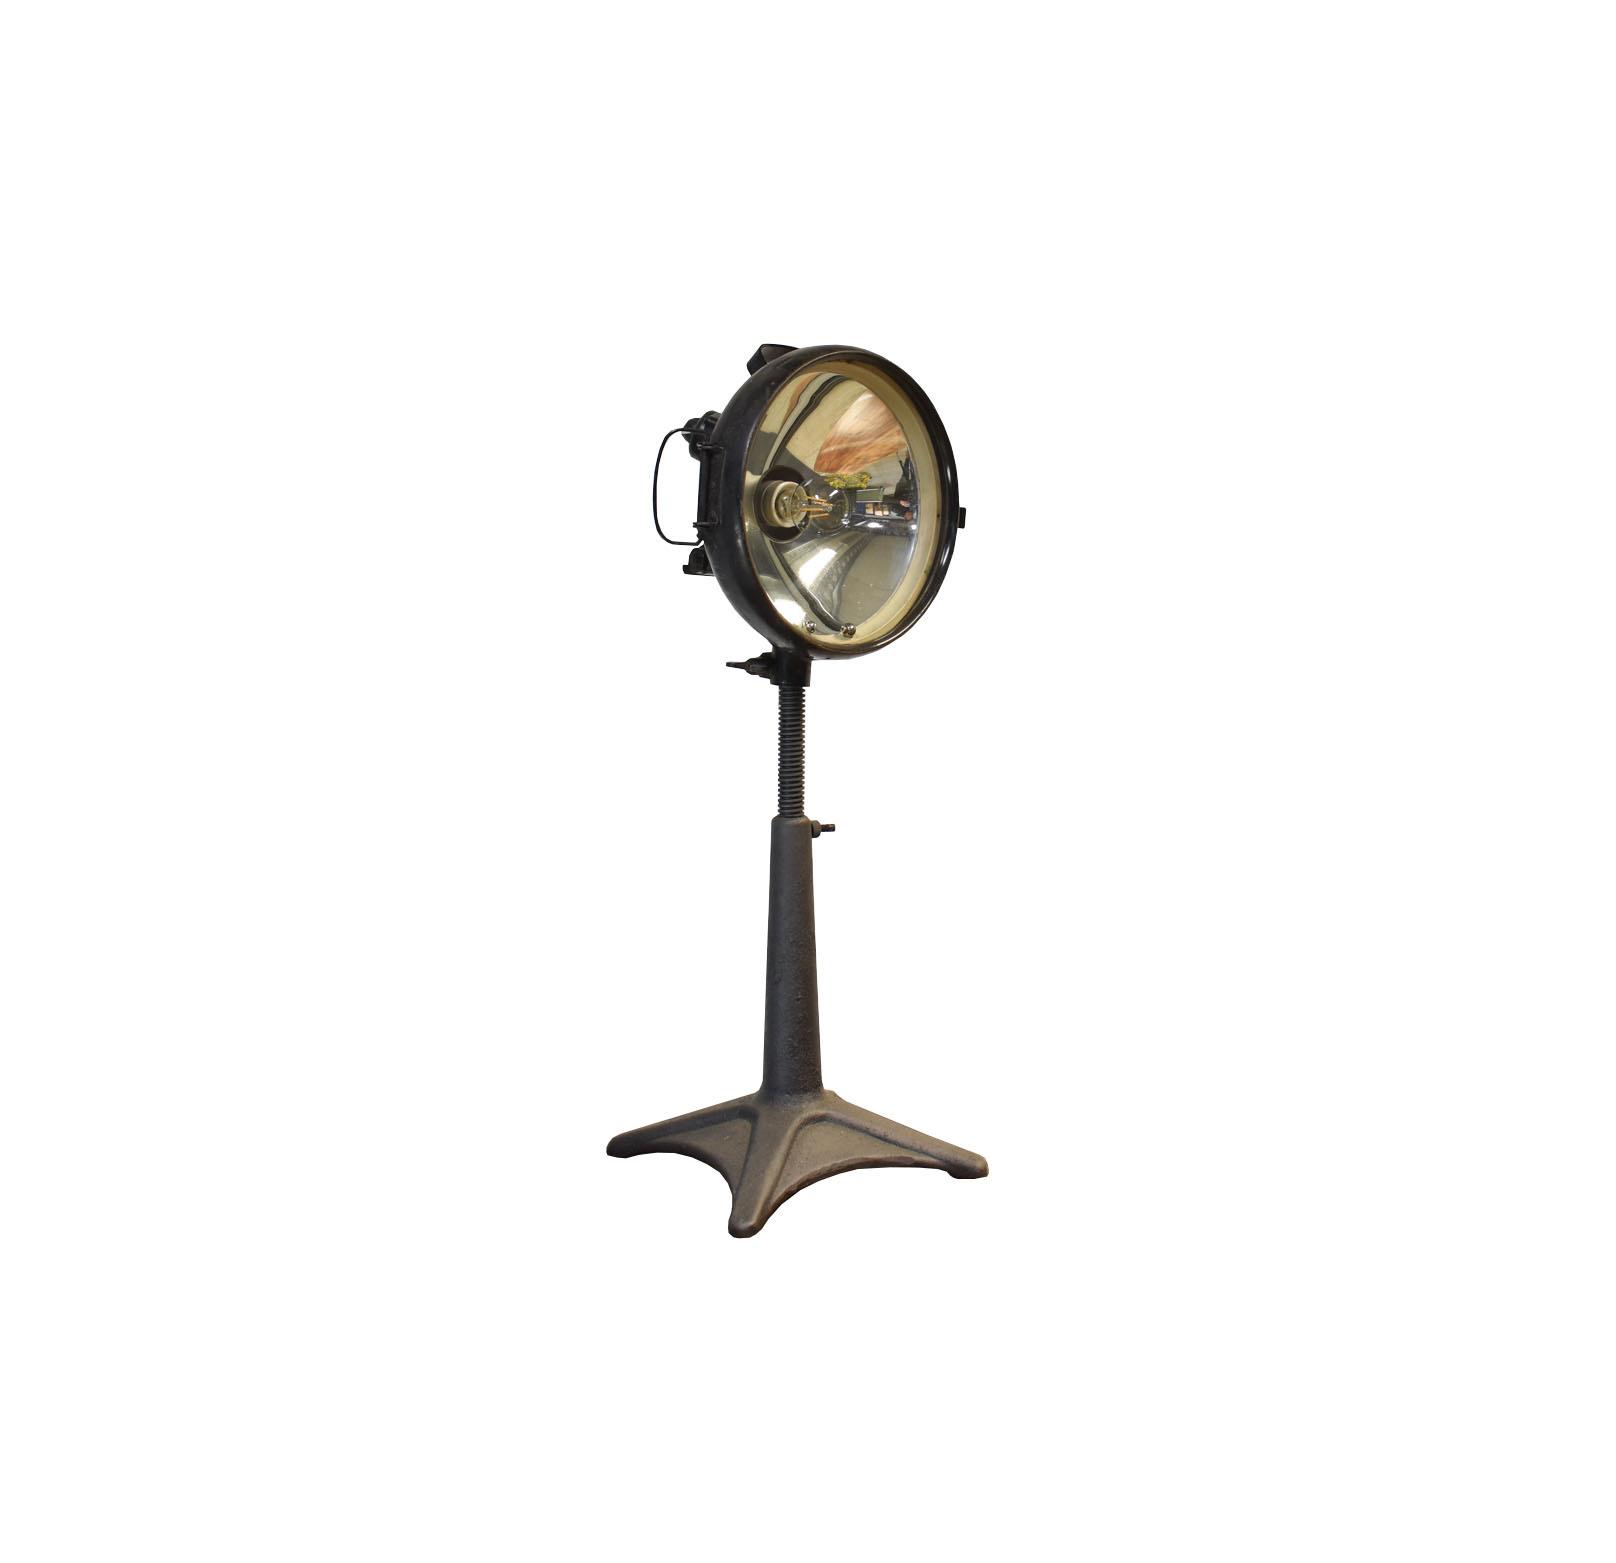 Carl zeiss jena Industriele tafellamp